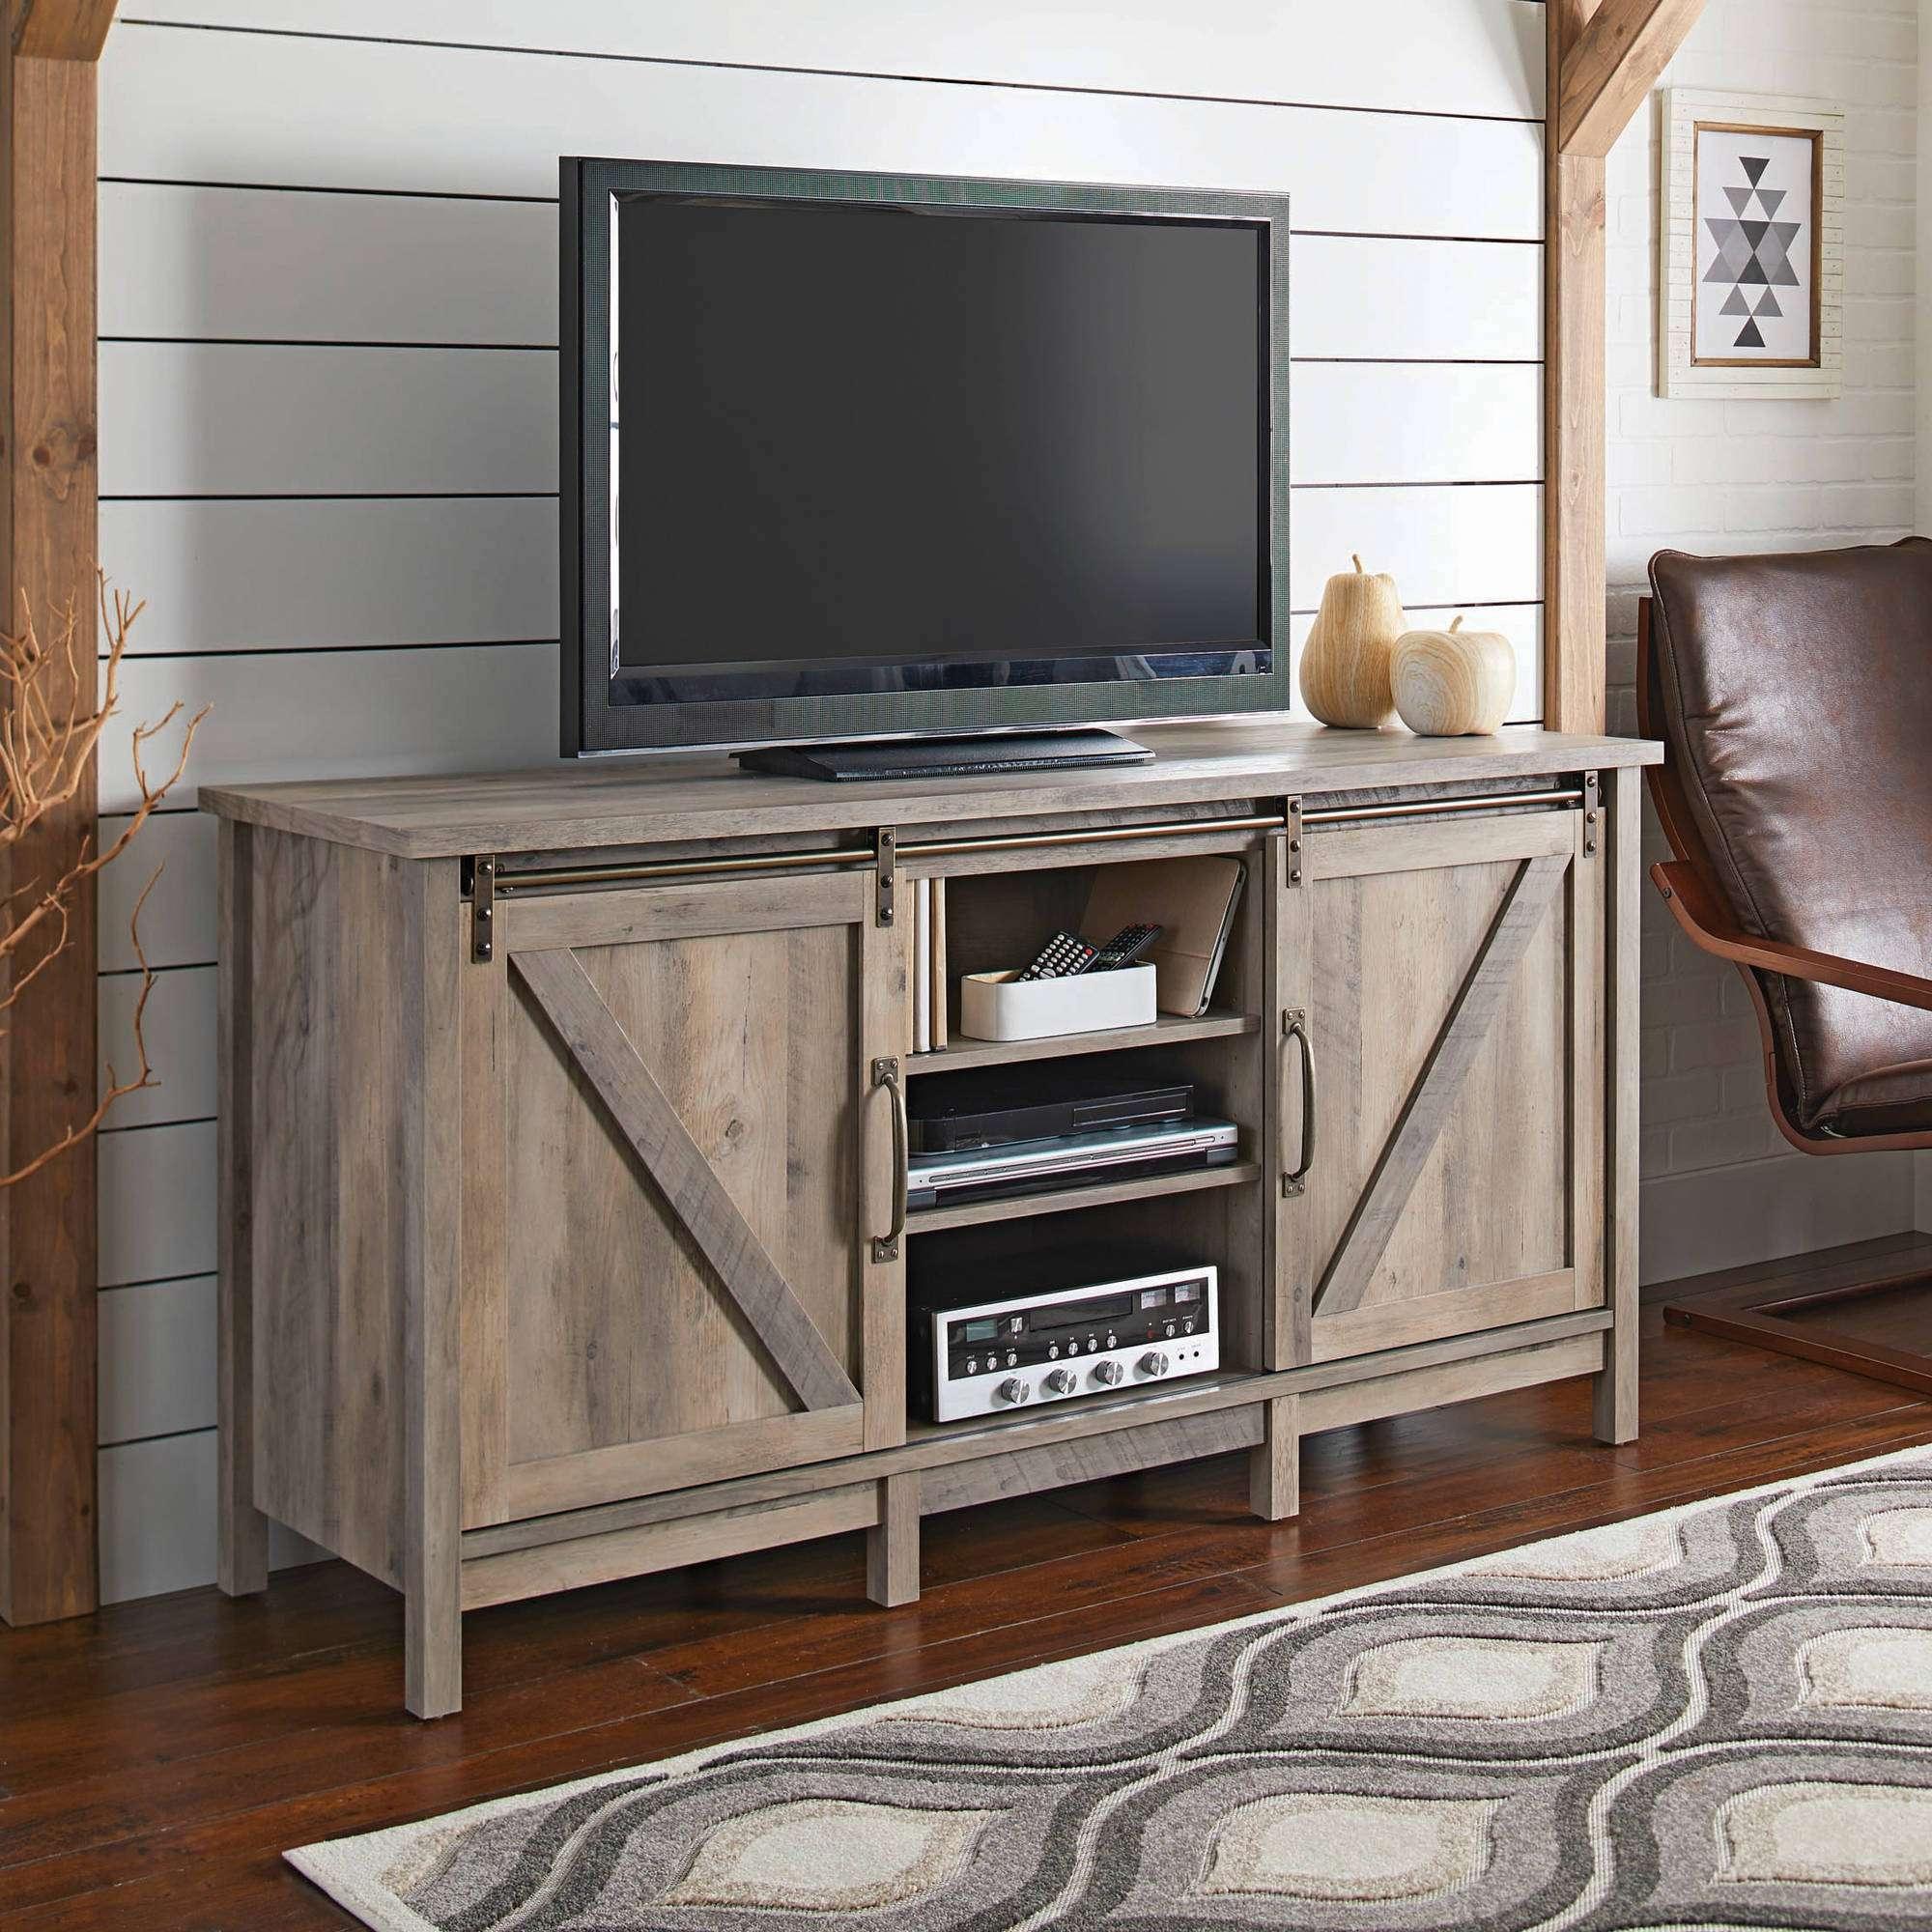 Tv Stands – Walmart Regarding Rustic Looking Tv Stands (View 14 of 15)